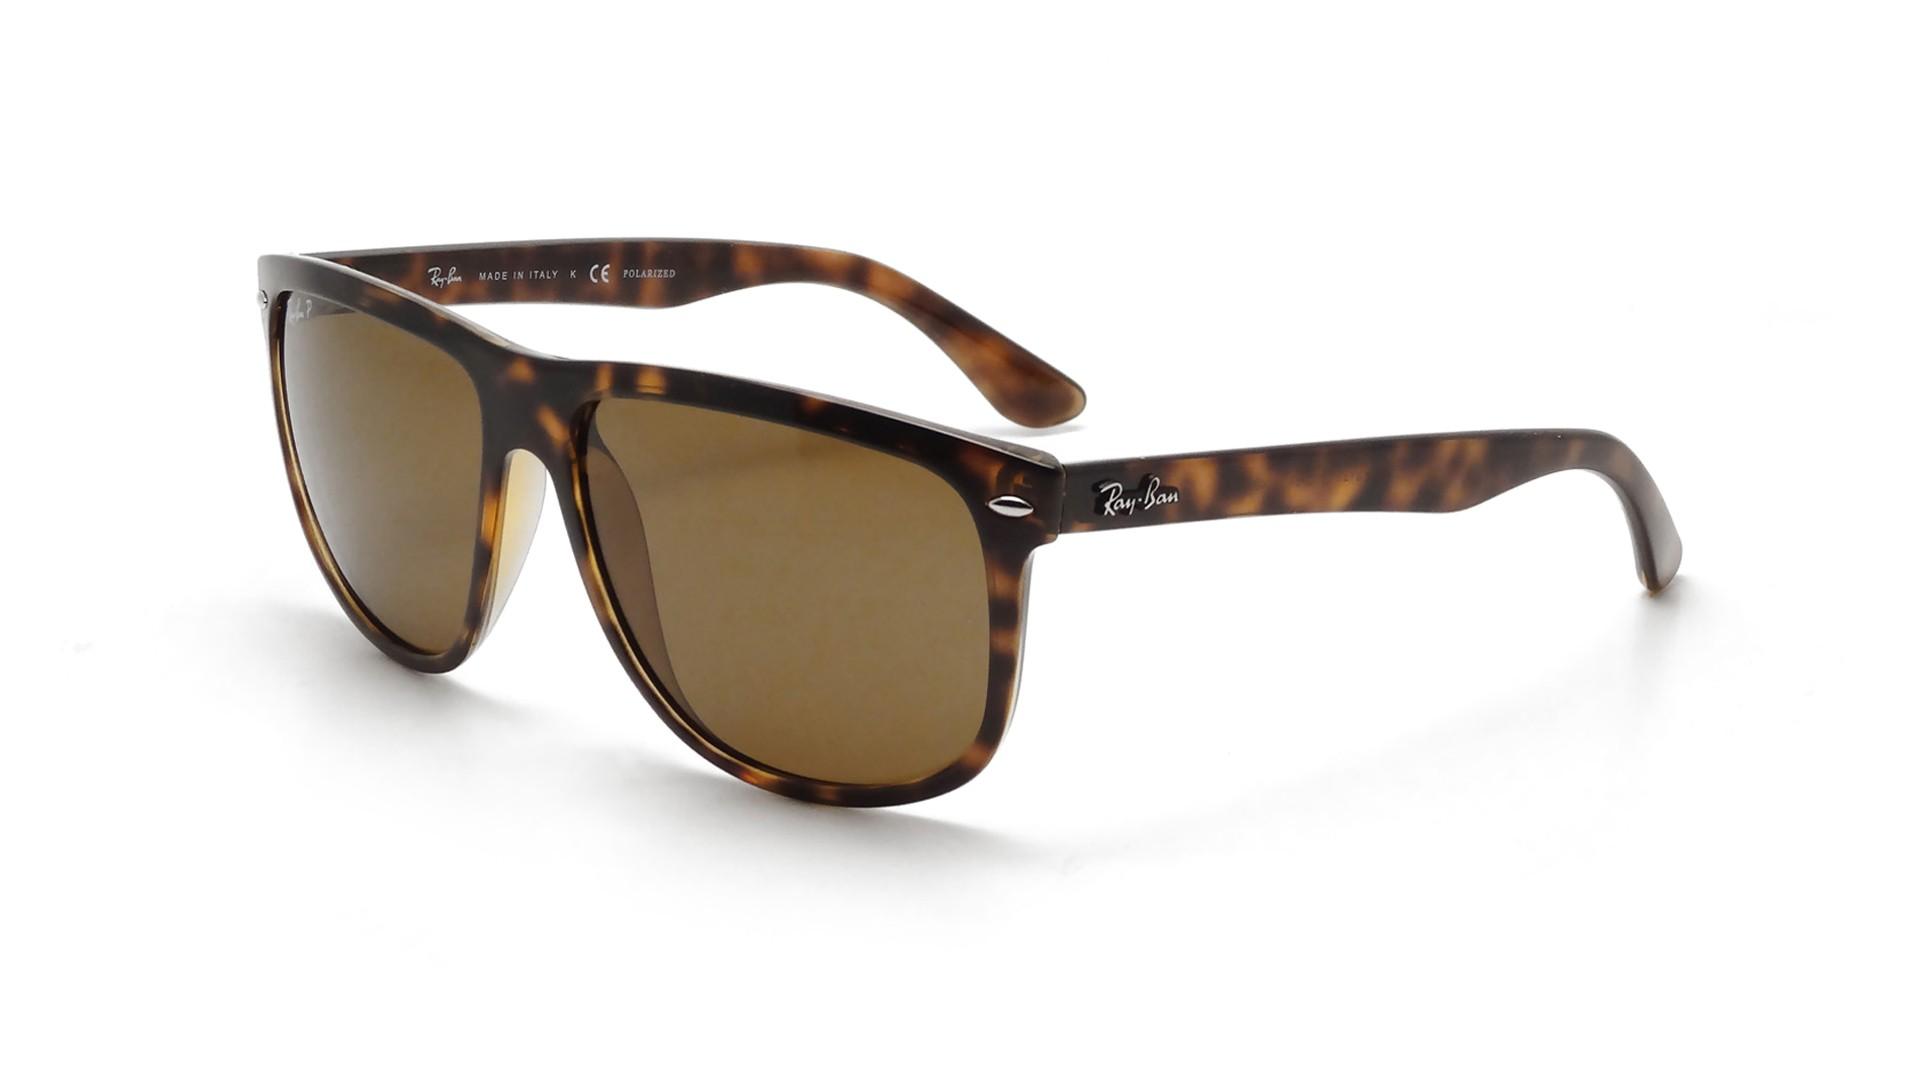 a7fa048a8949 Sunglasses Ray-Ban RB4147 710 57 60-15 Tortoise Large Polarized